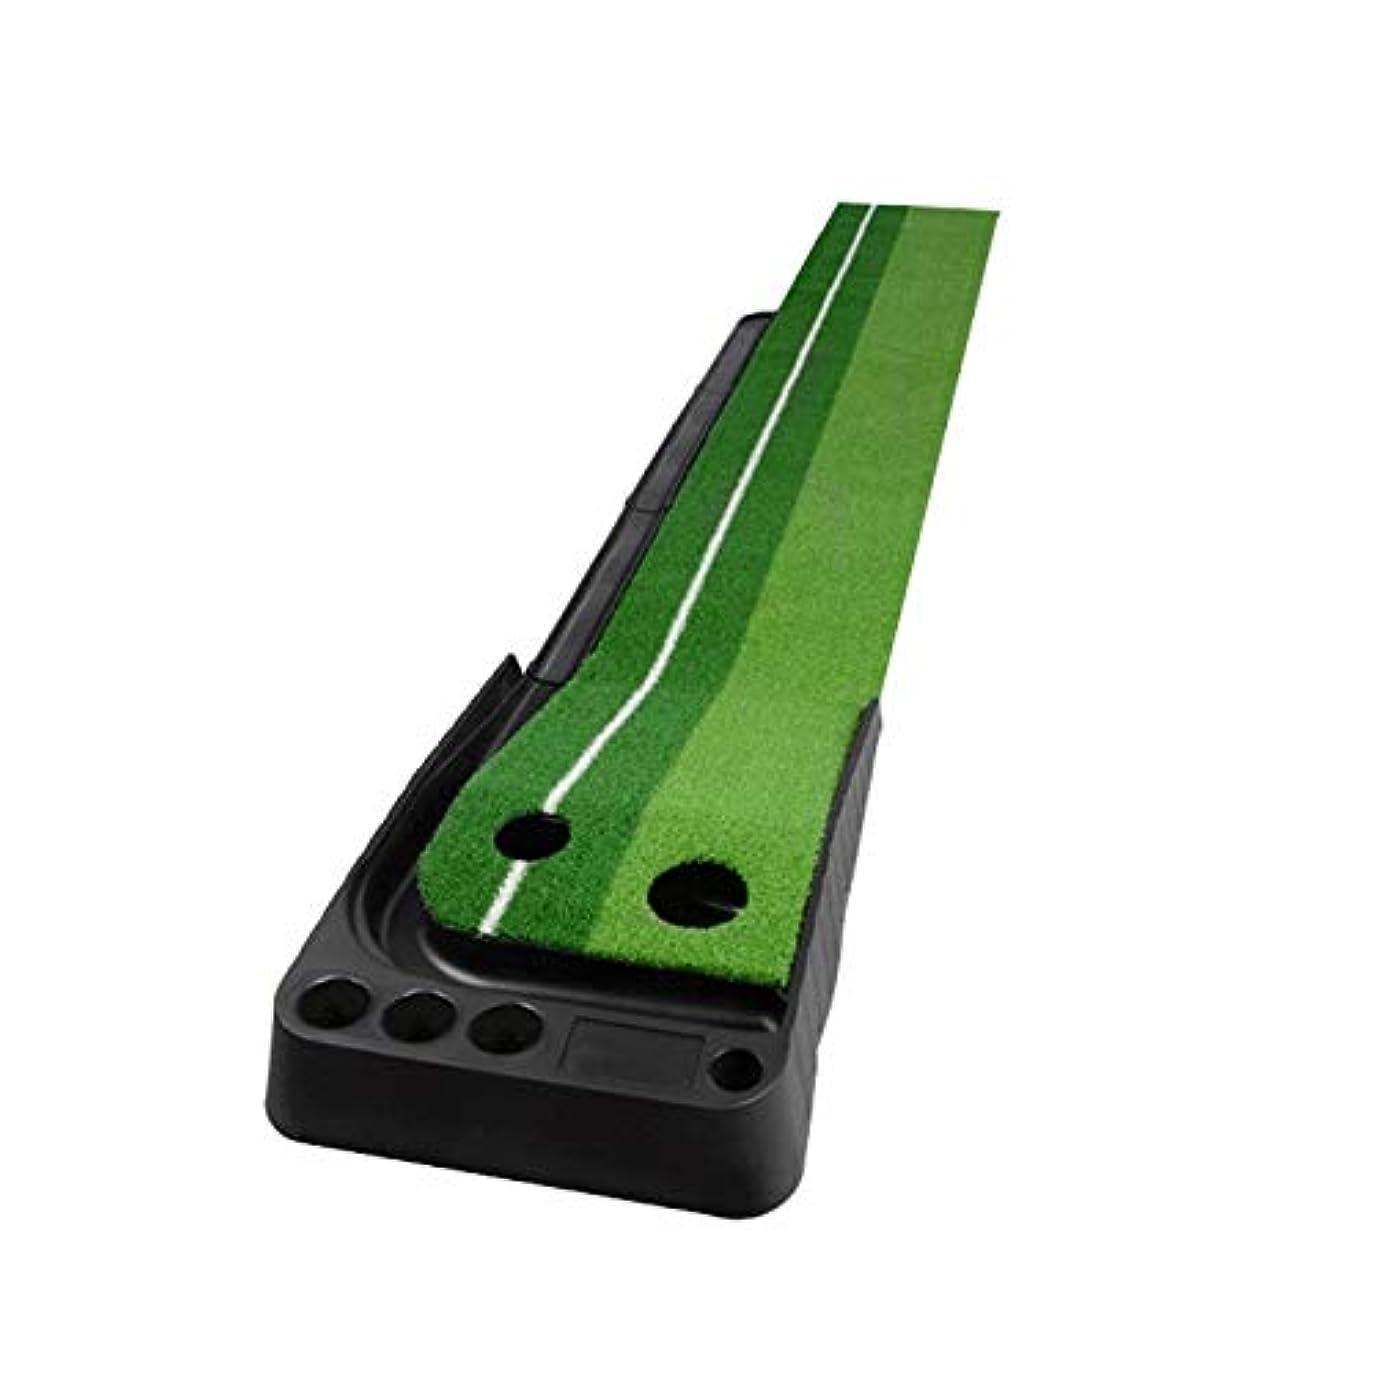 二年生密度富ゴルフ用品 オートボールリターンフェアウェイとPGMゴルフミニパッティングマットプッシュロッドトレーナー2.5m